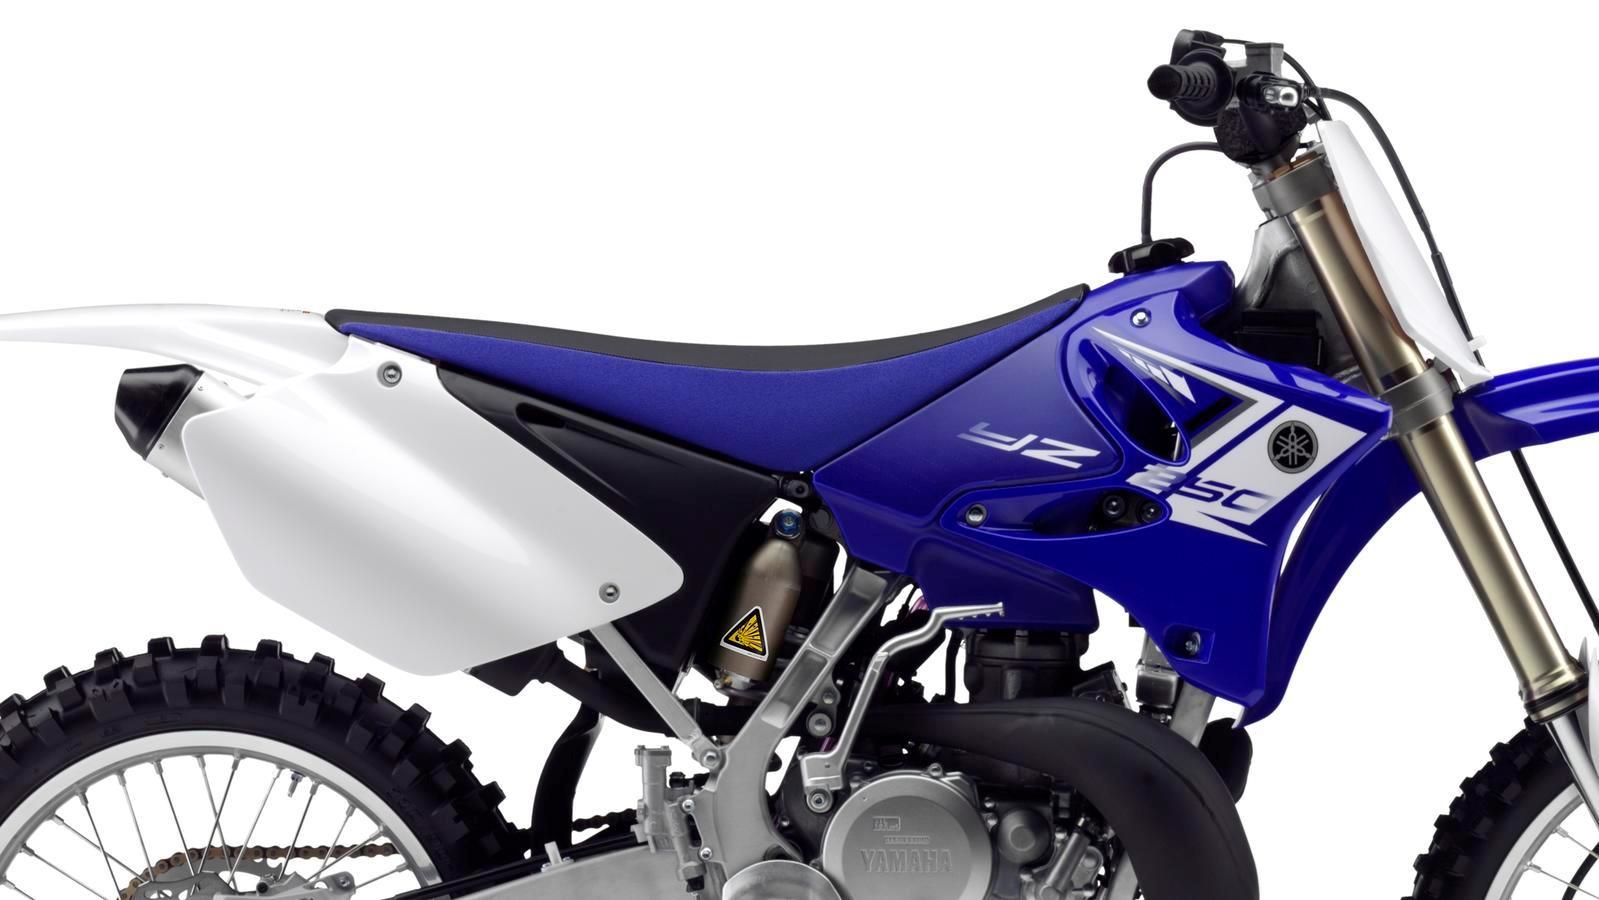 YZ250-EU-Racing-Blue-Detail-005_osob